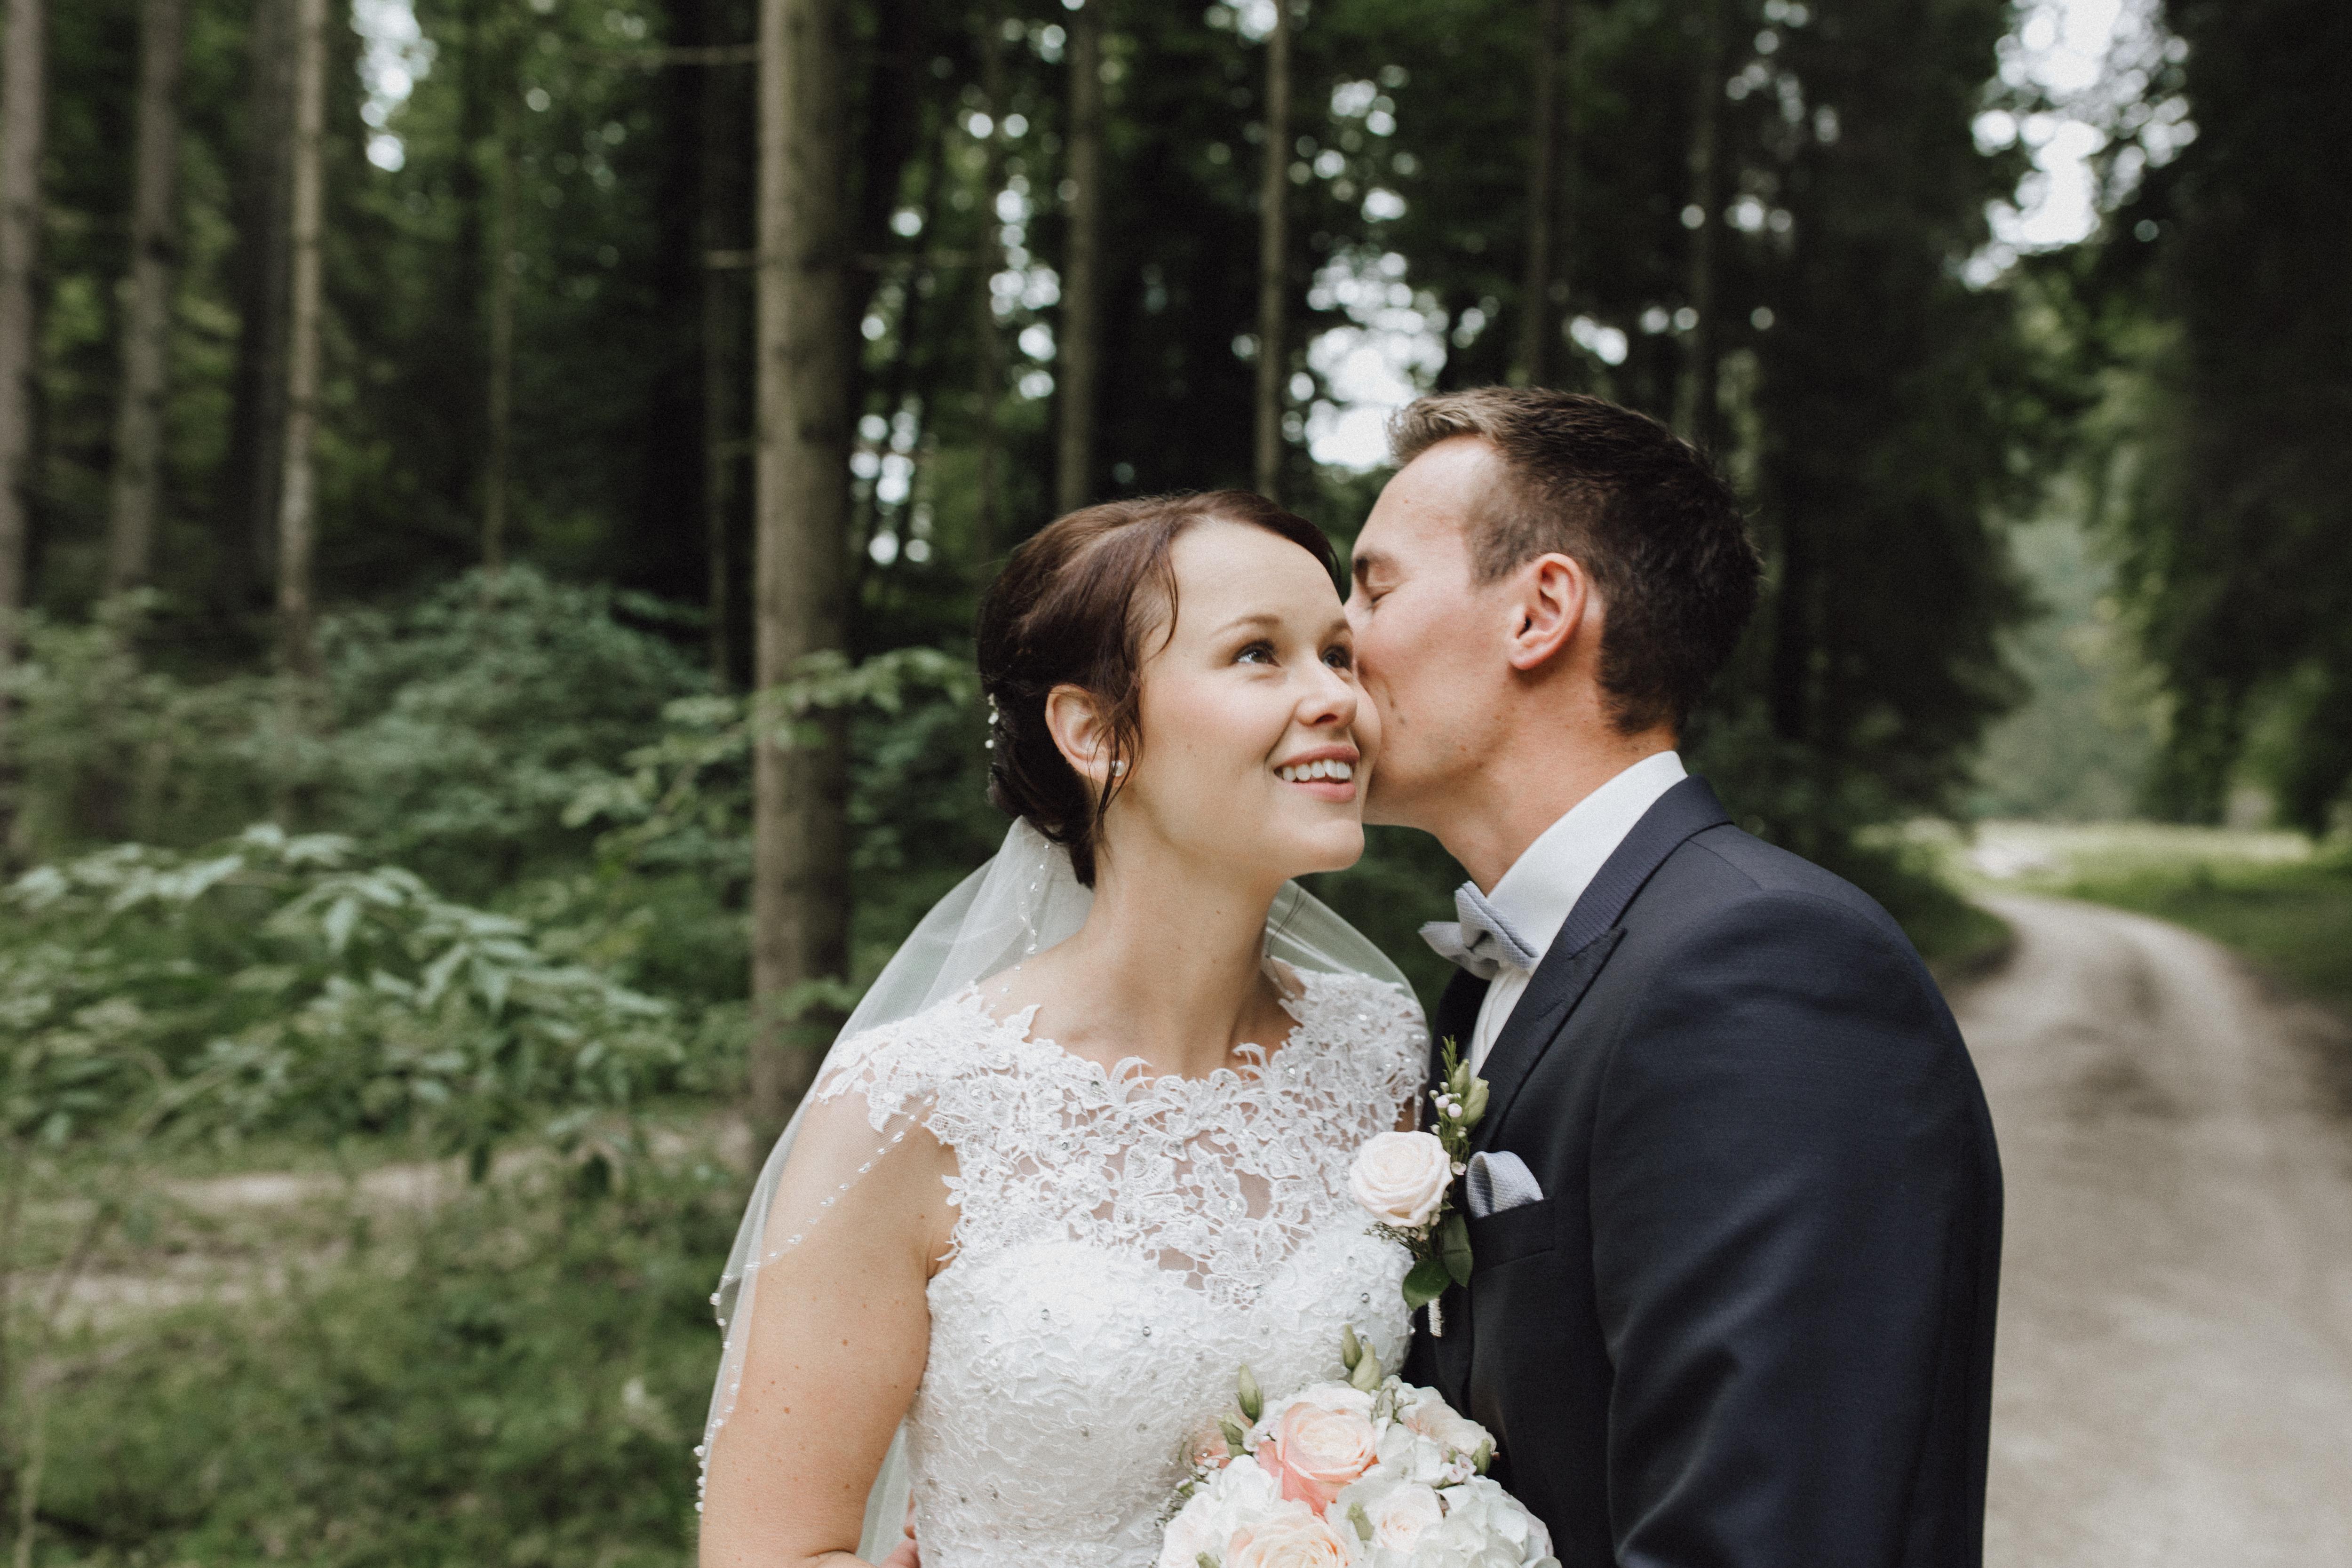 URBANERIE_Daniela_Goth_Hochzeitsfotografin_Nürnberg_Fürth_Erlangen_Schwabach_170909_0031